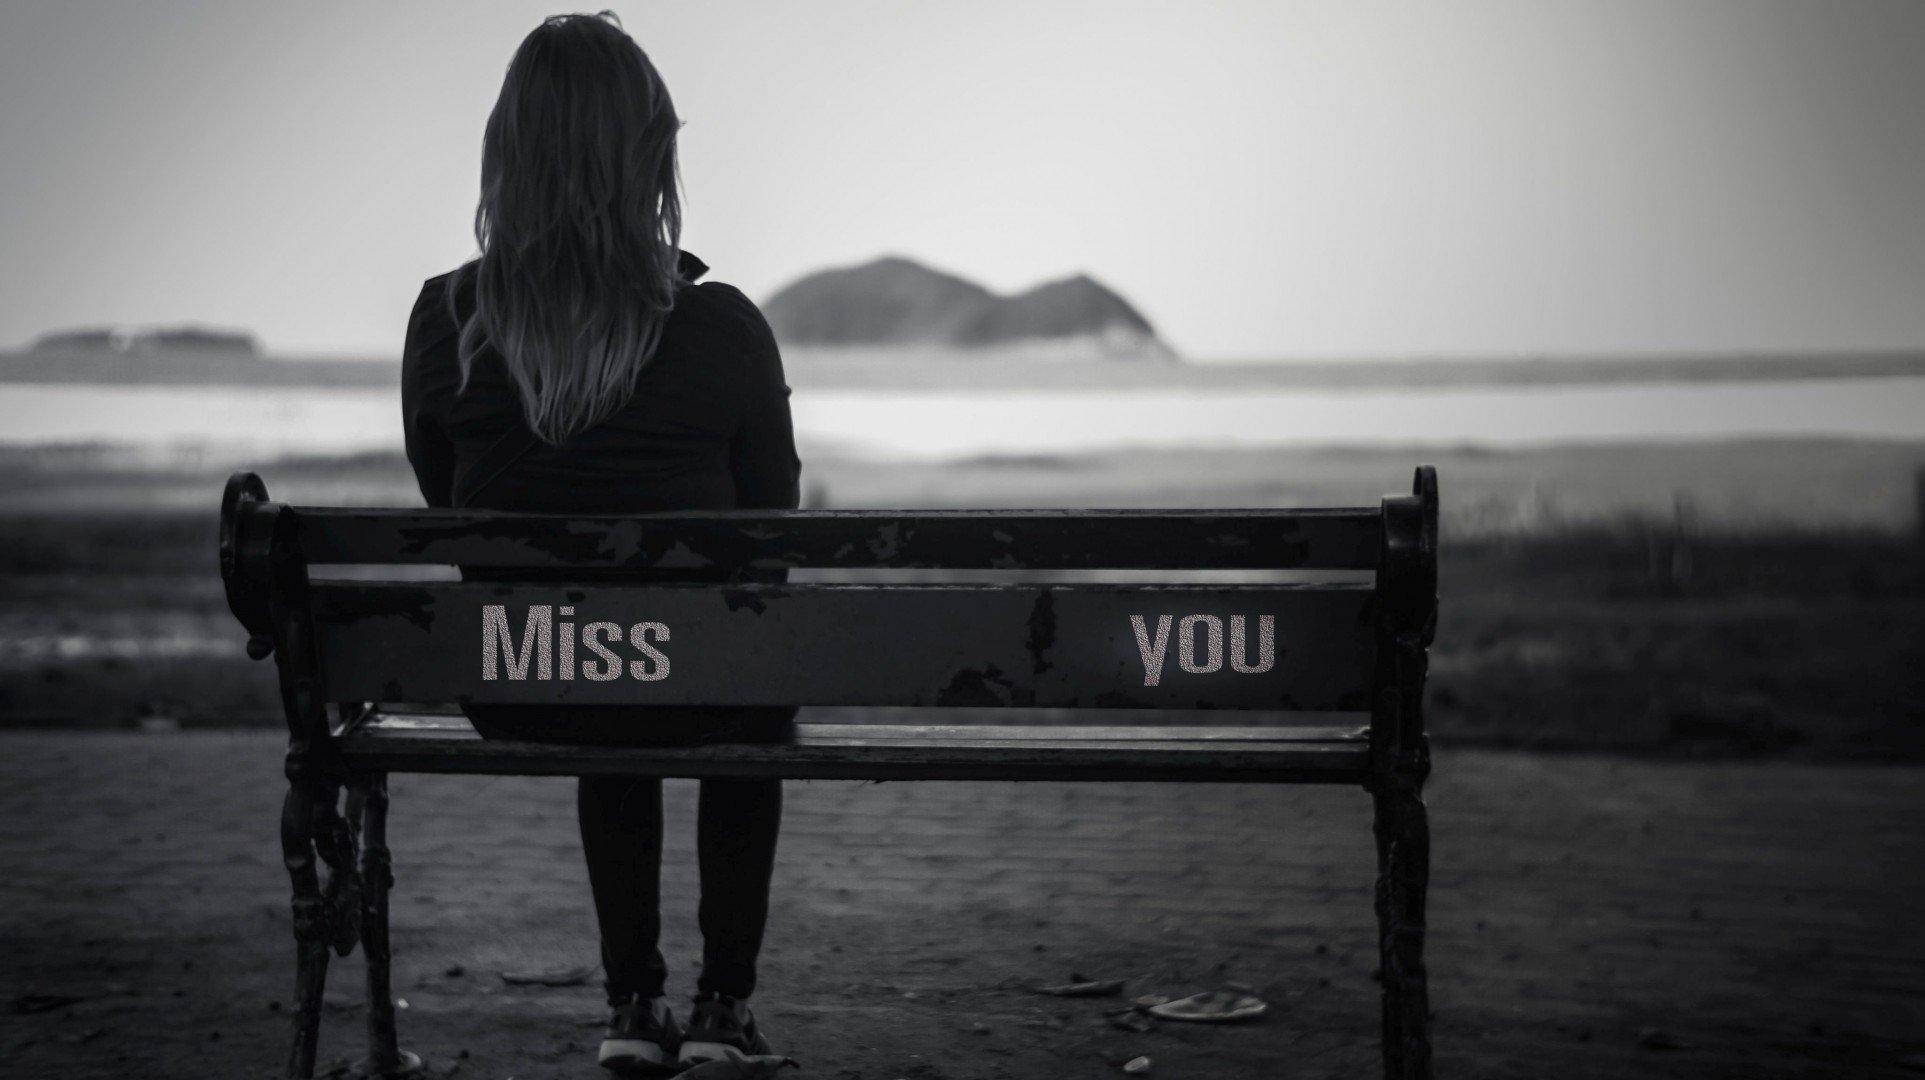 بالصور خلفيات حزينه , صور تعبر عن الحزن للتحميل 5249 1